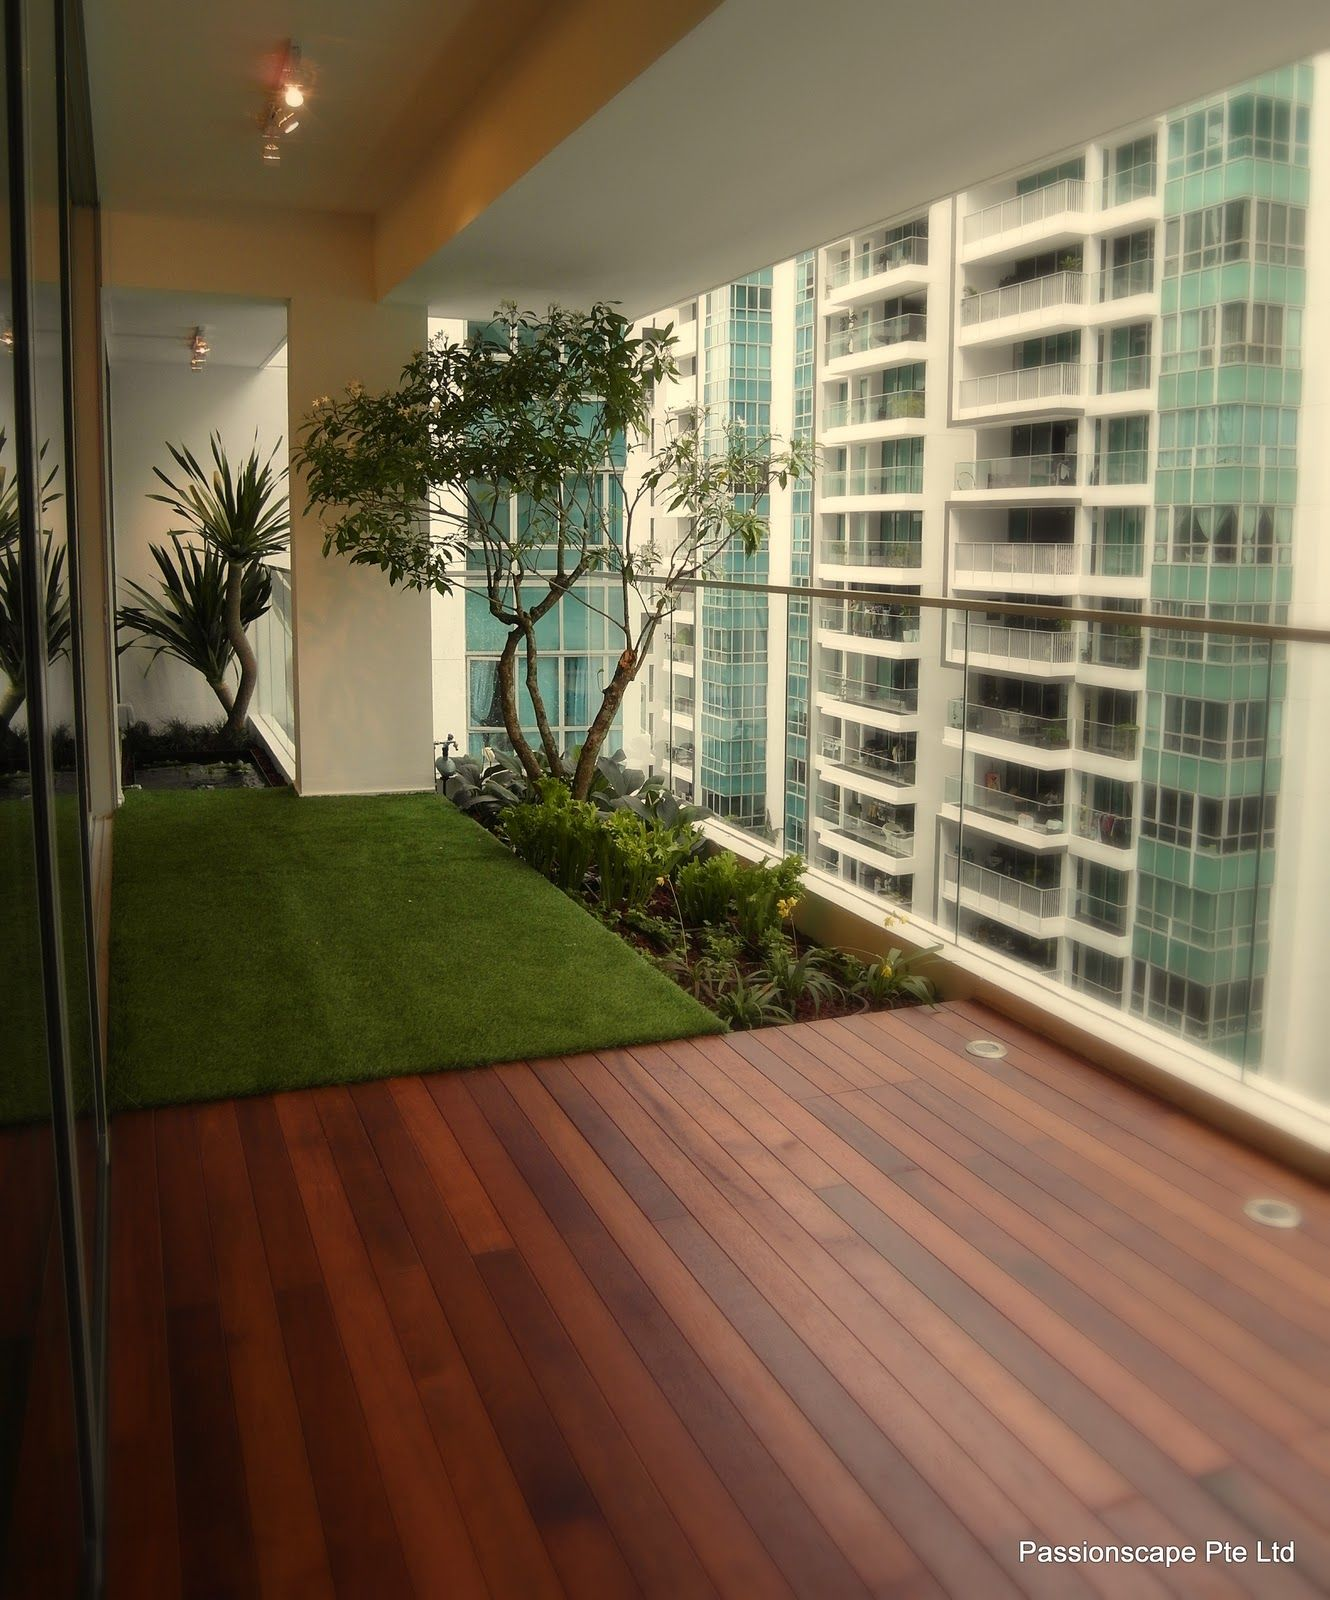 Singapore Landscape Design Small Balcony Garden Balcony Design Balcony Railing Design